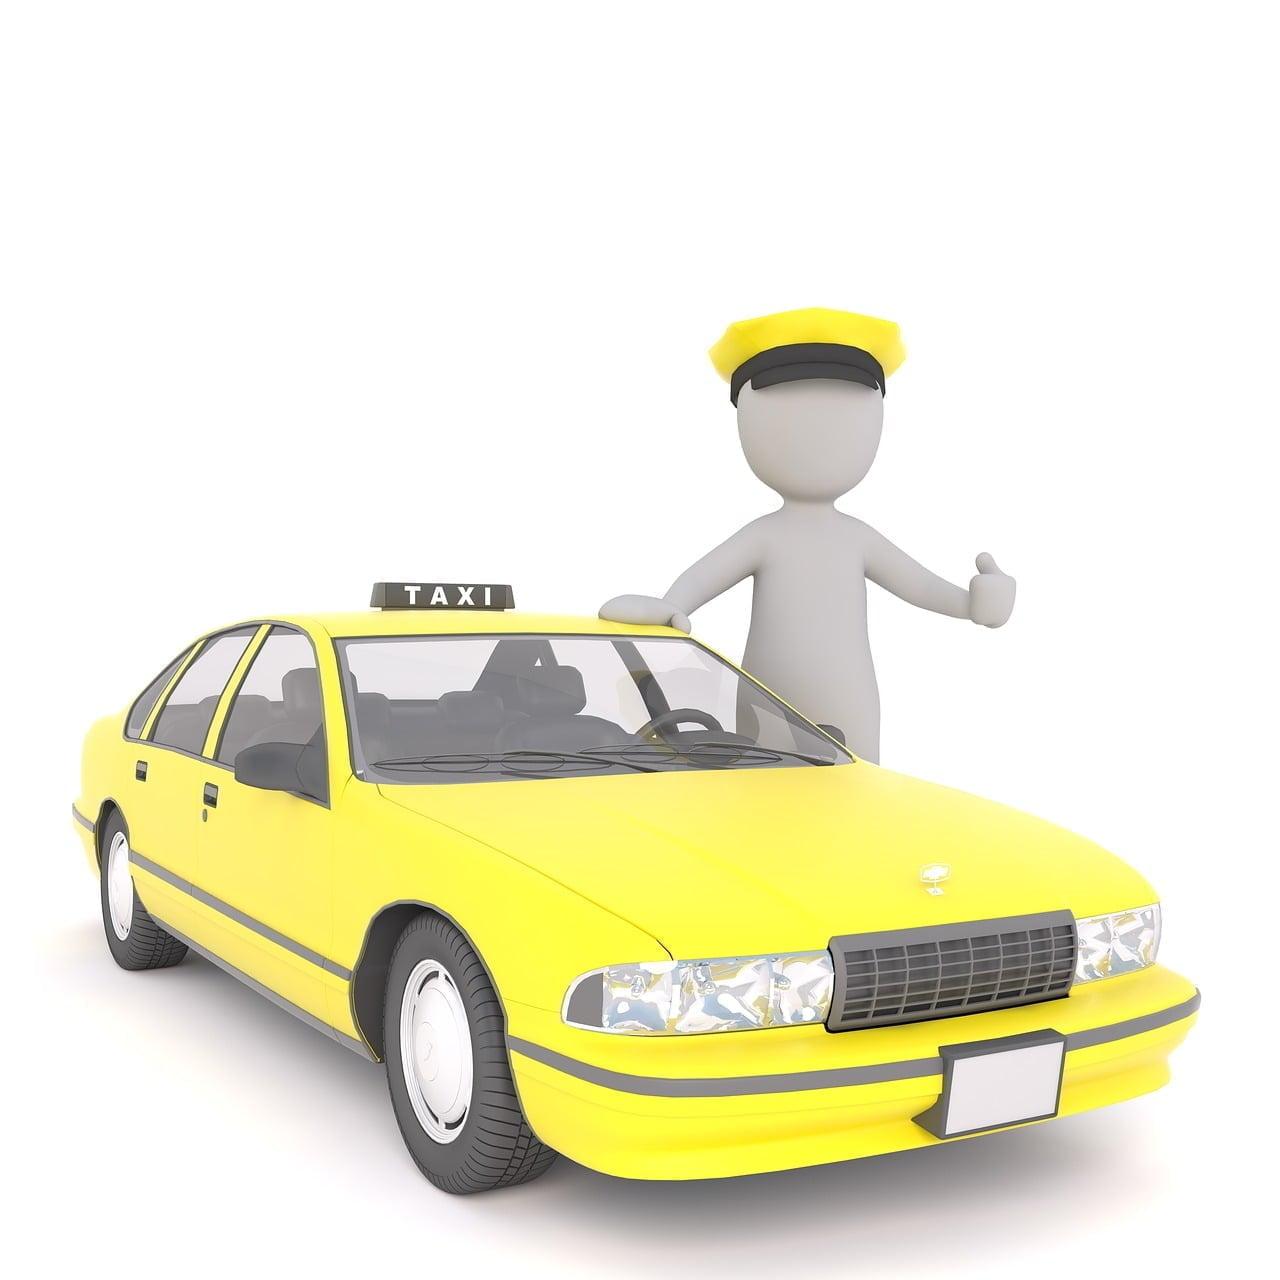 Taxi Collado Villalba - Su taxi en Villalba de Guadarrama